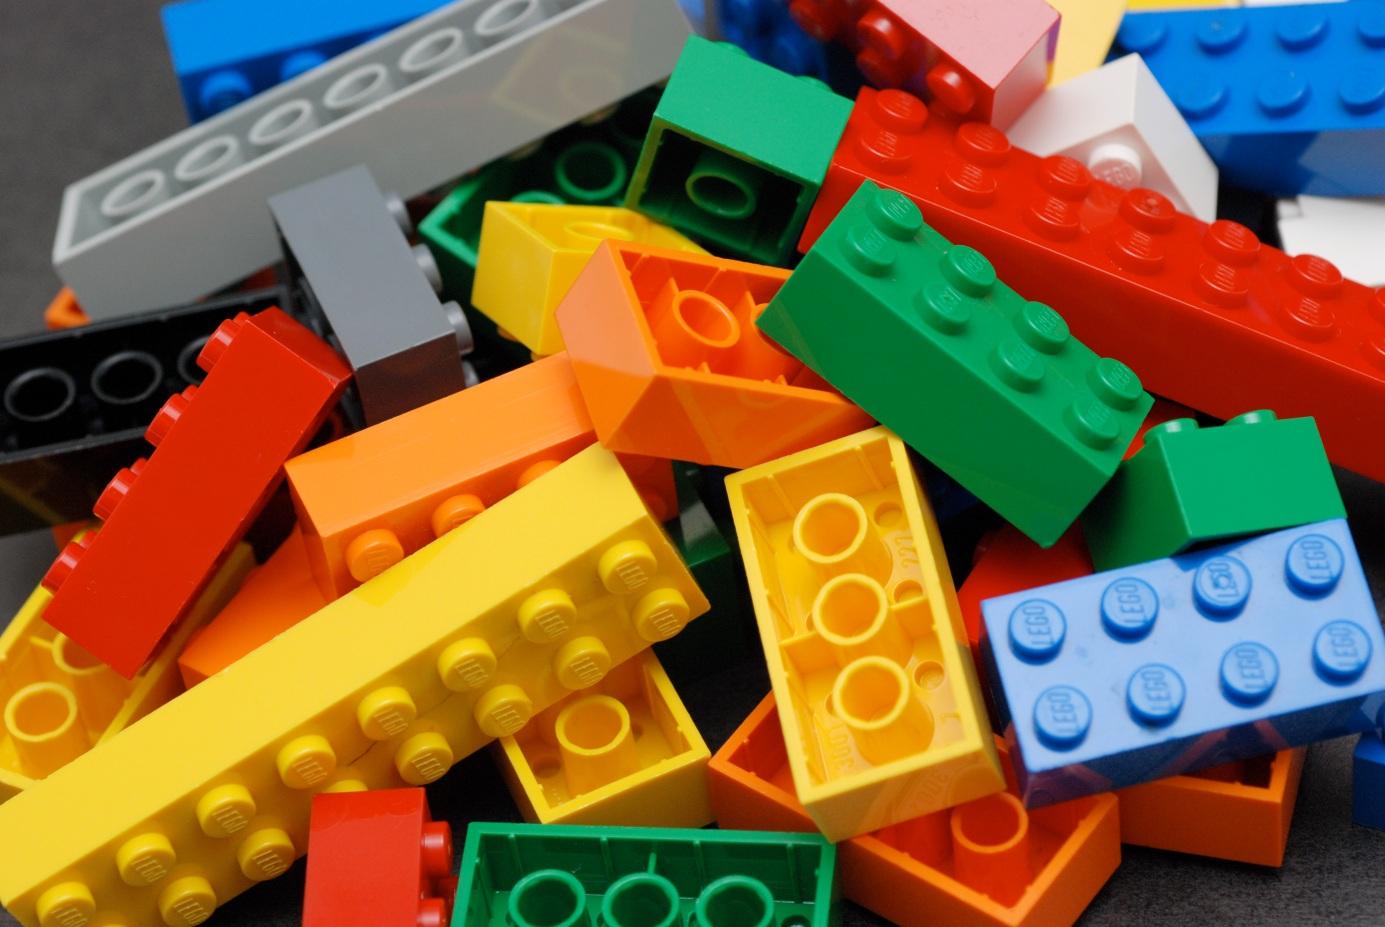 Lego Blokje Kopen Lego Blokjes